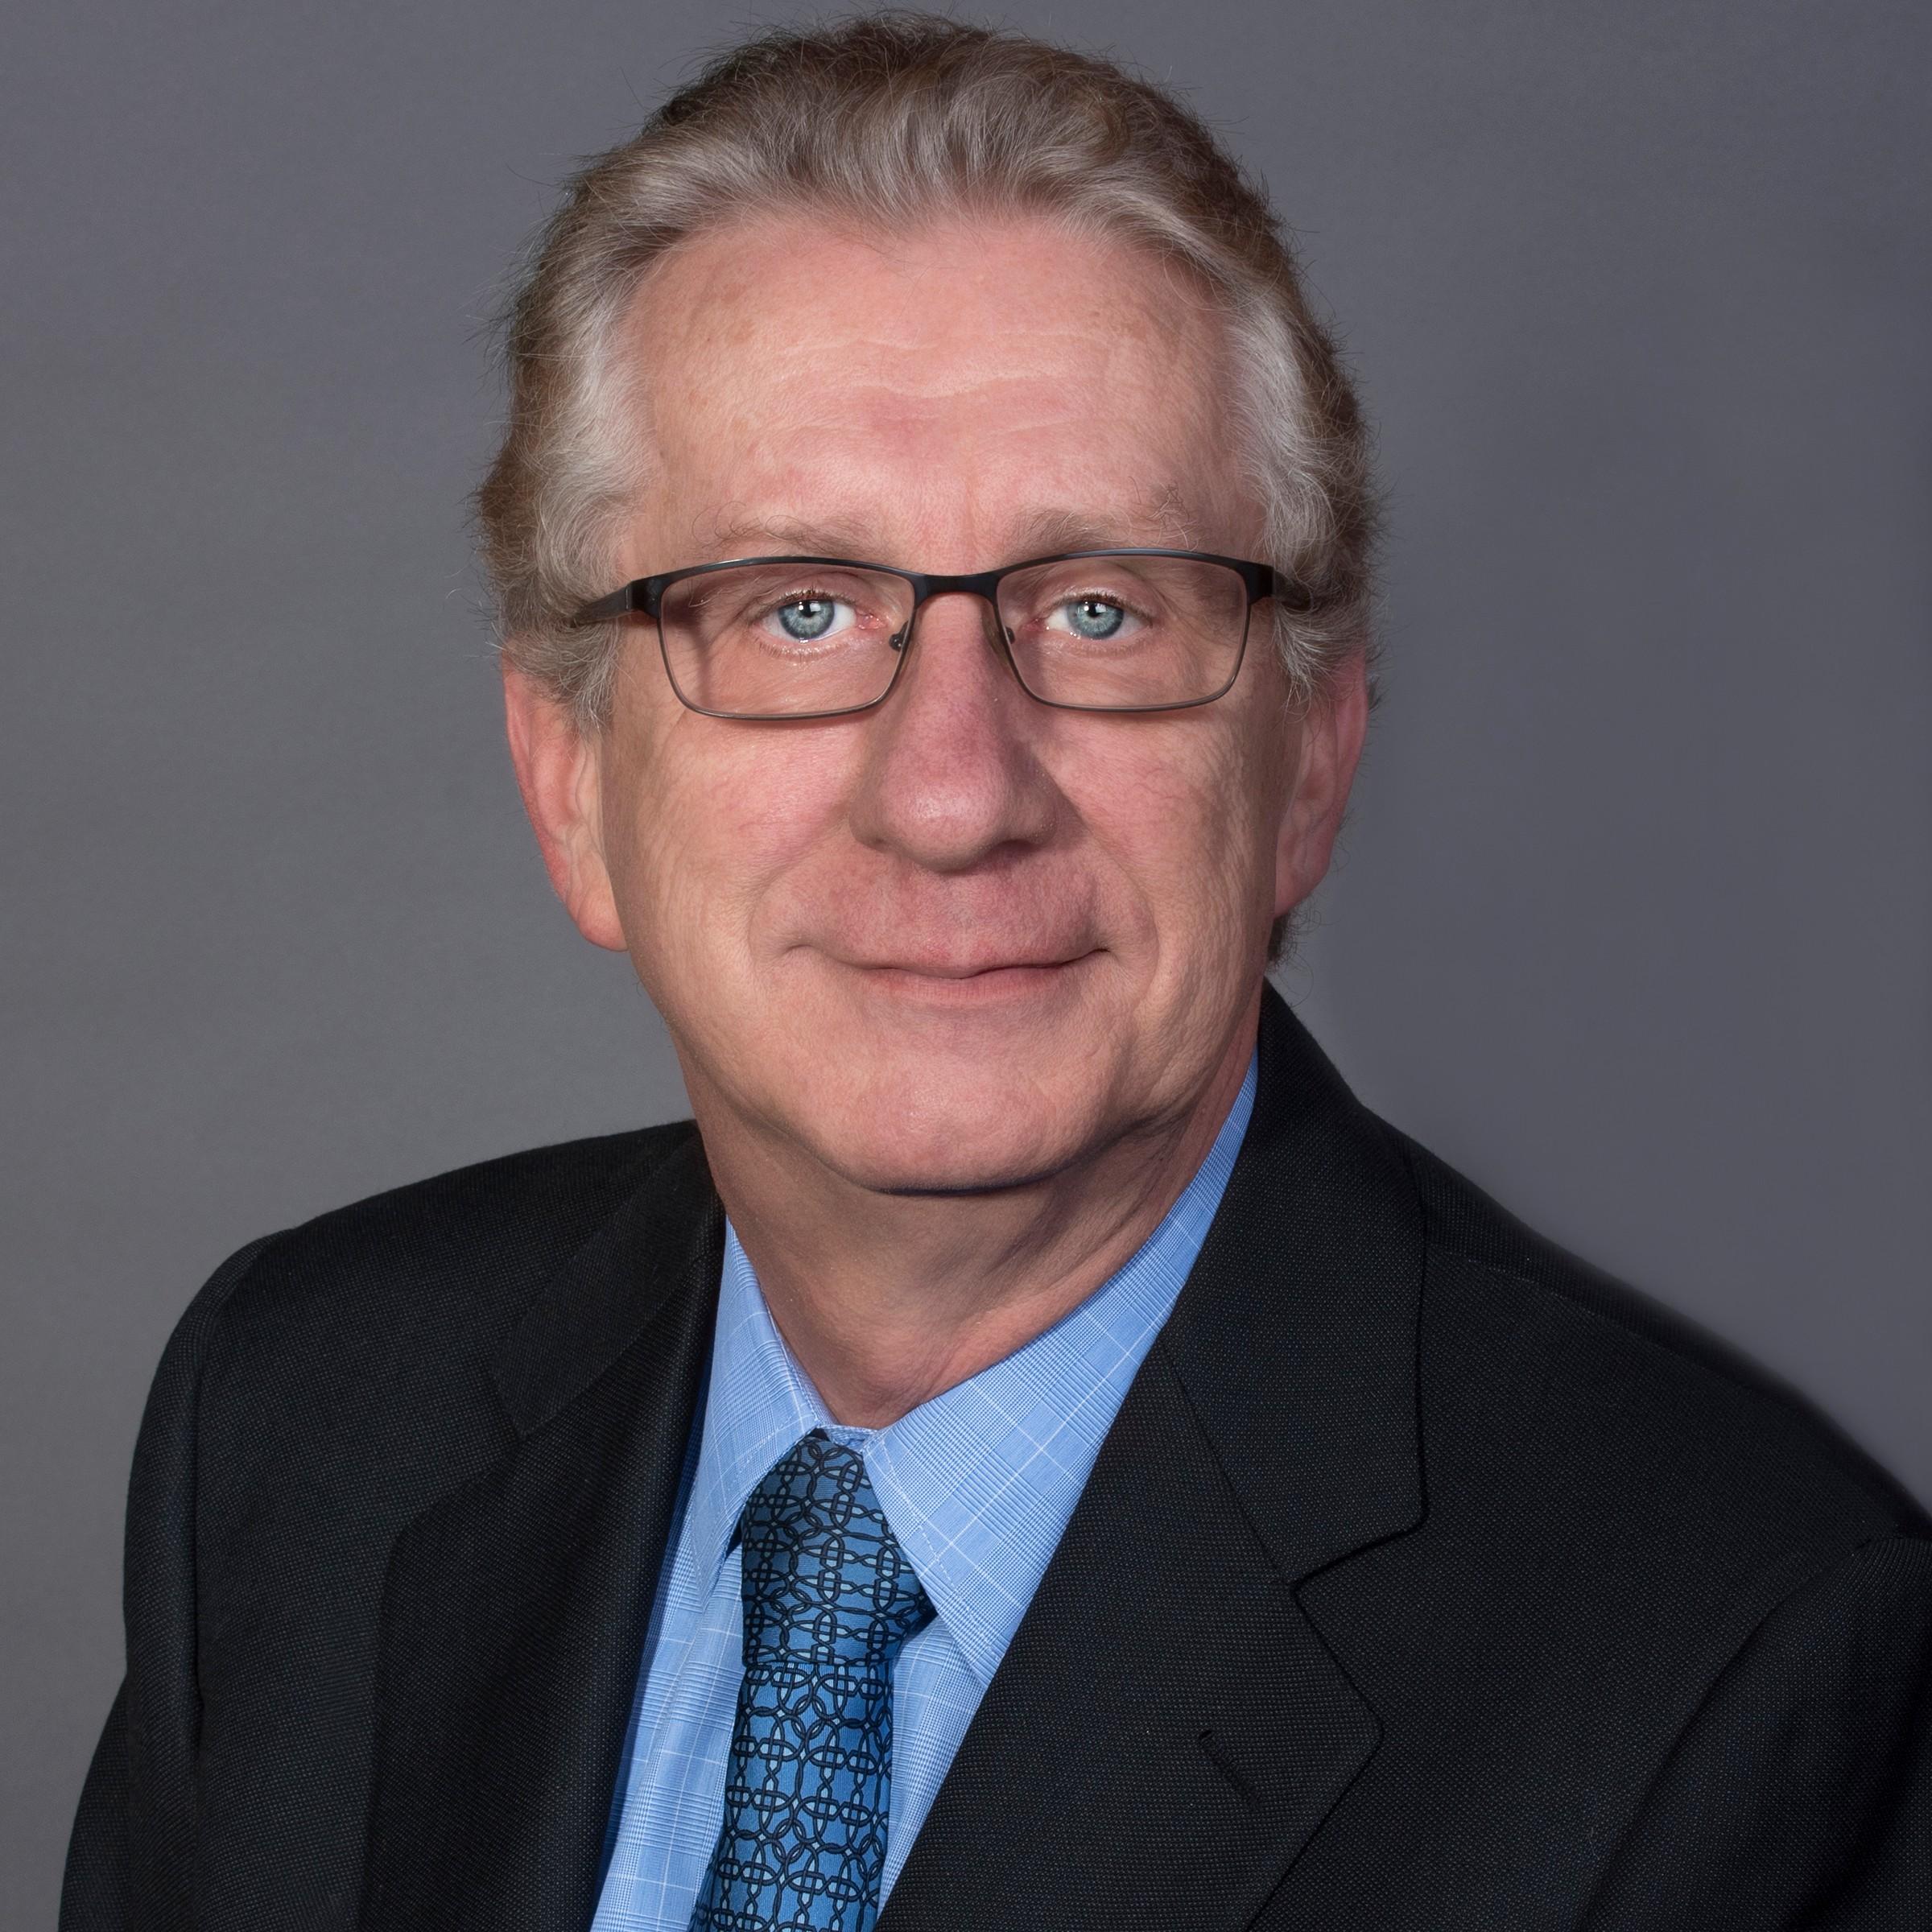 Daniel R O'Connor